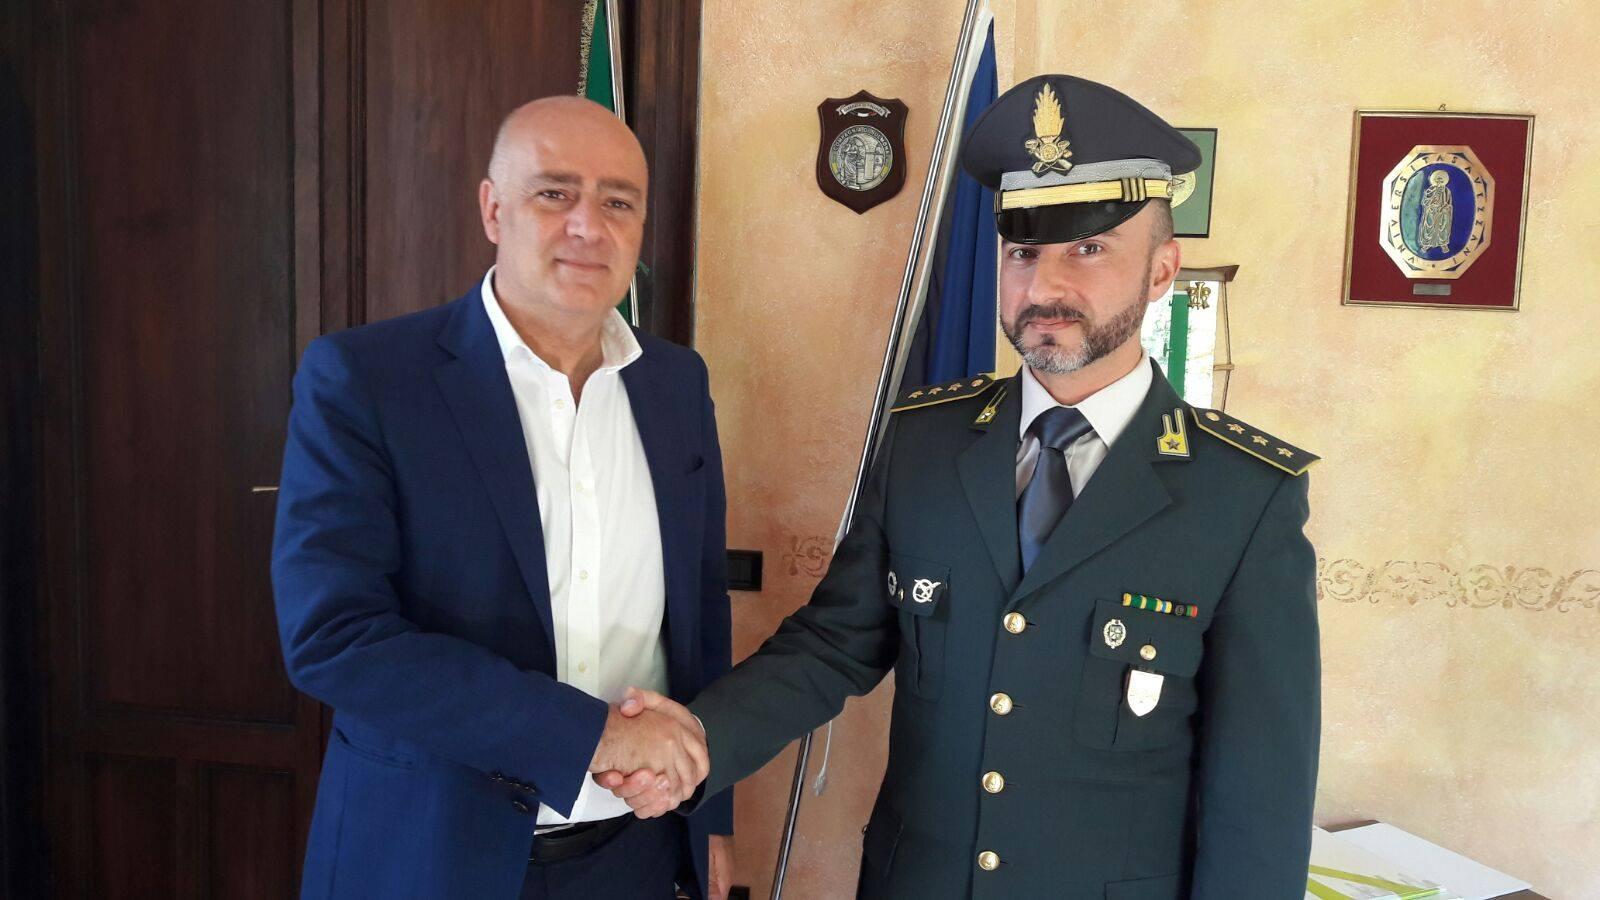 Il Sindaco De Angelis incontra il nuovo Comandante della GdF di di Avezzano Alessio Grillo